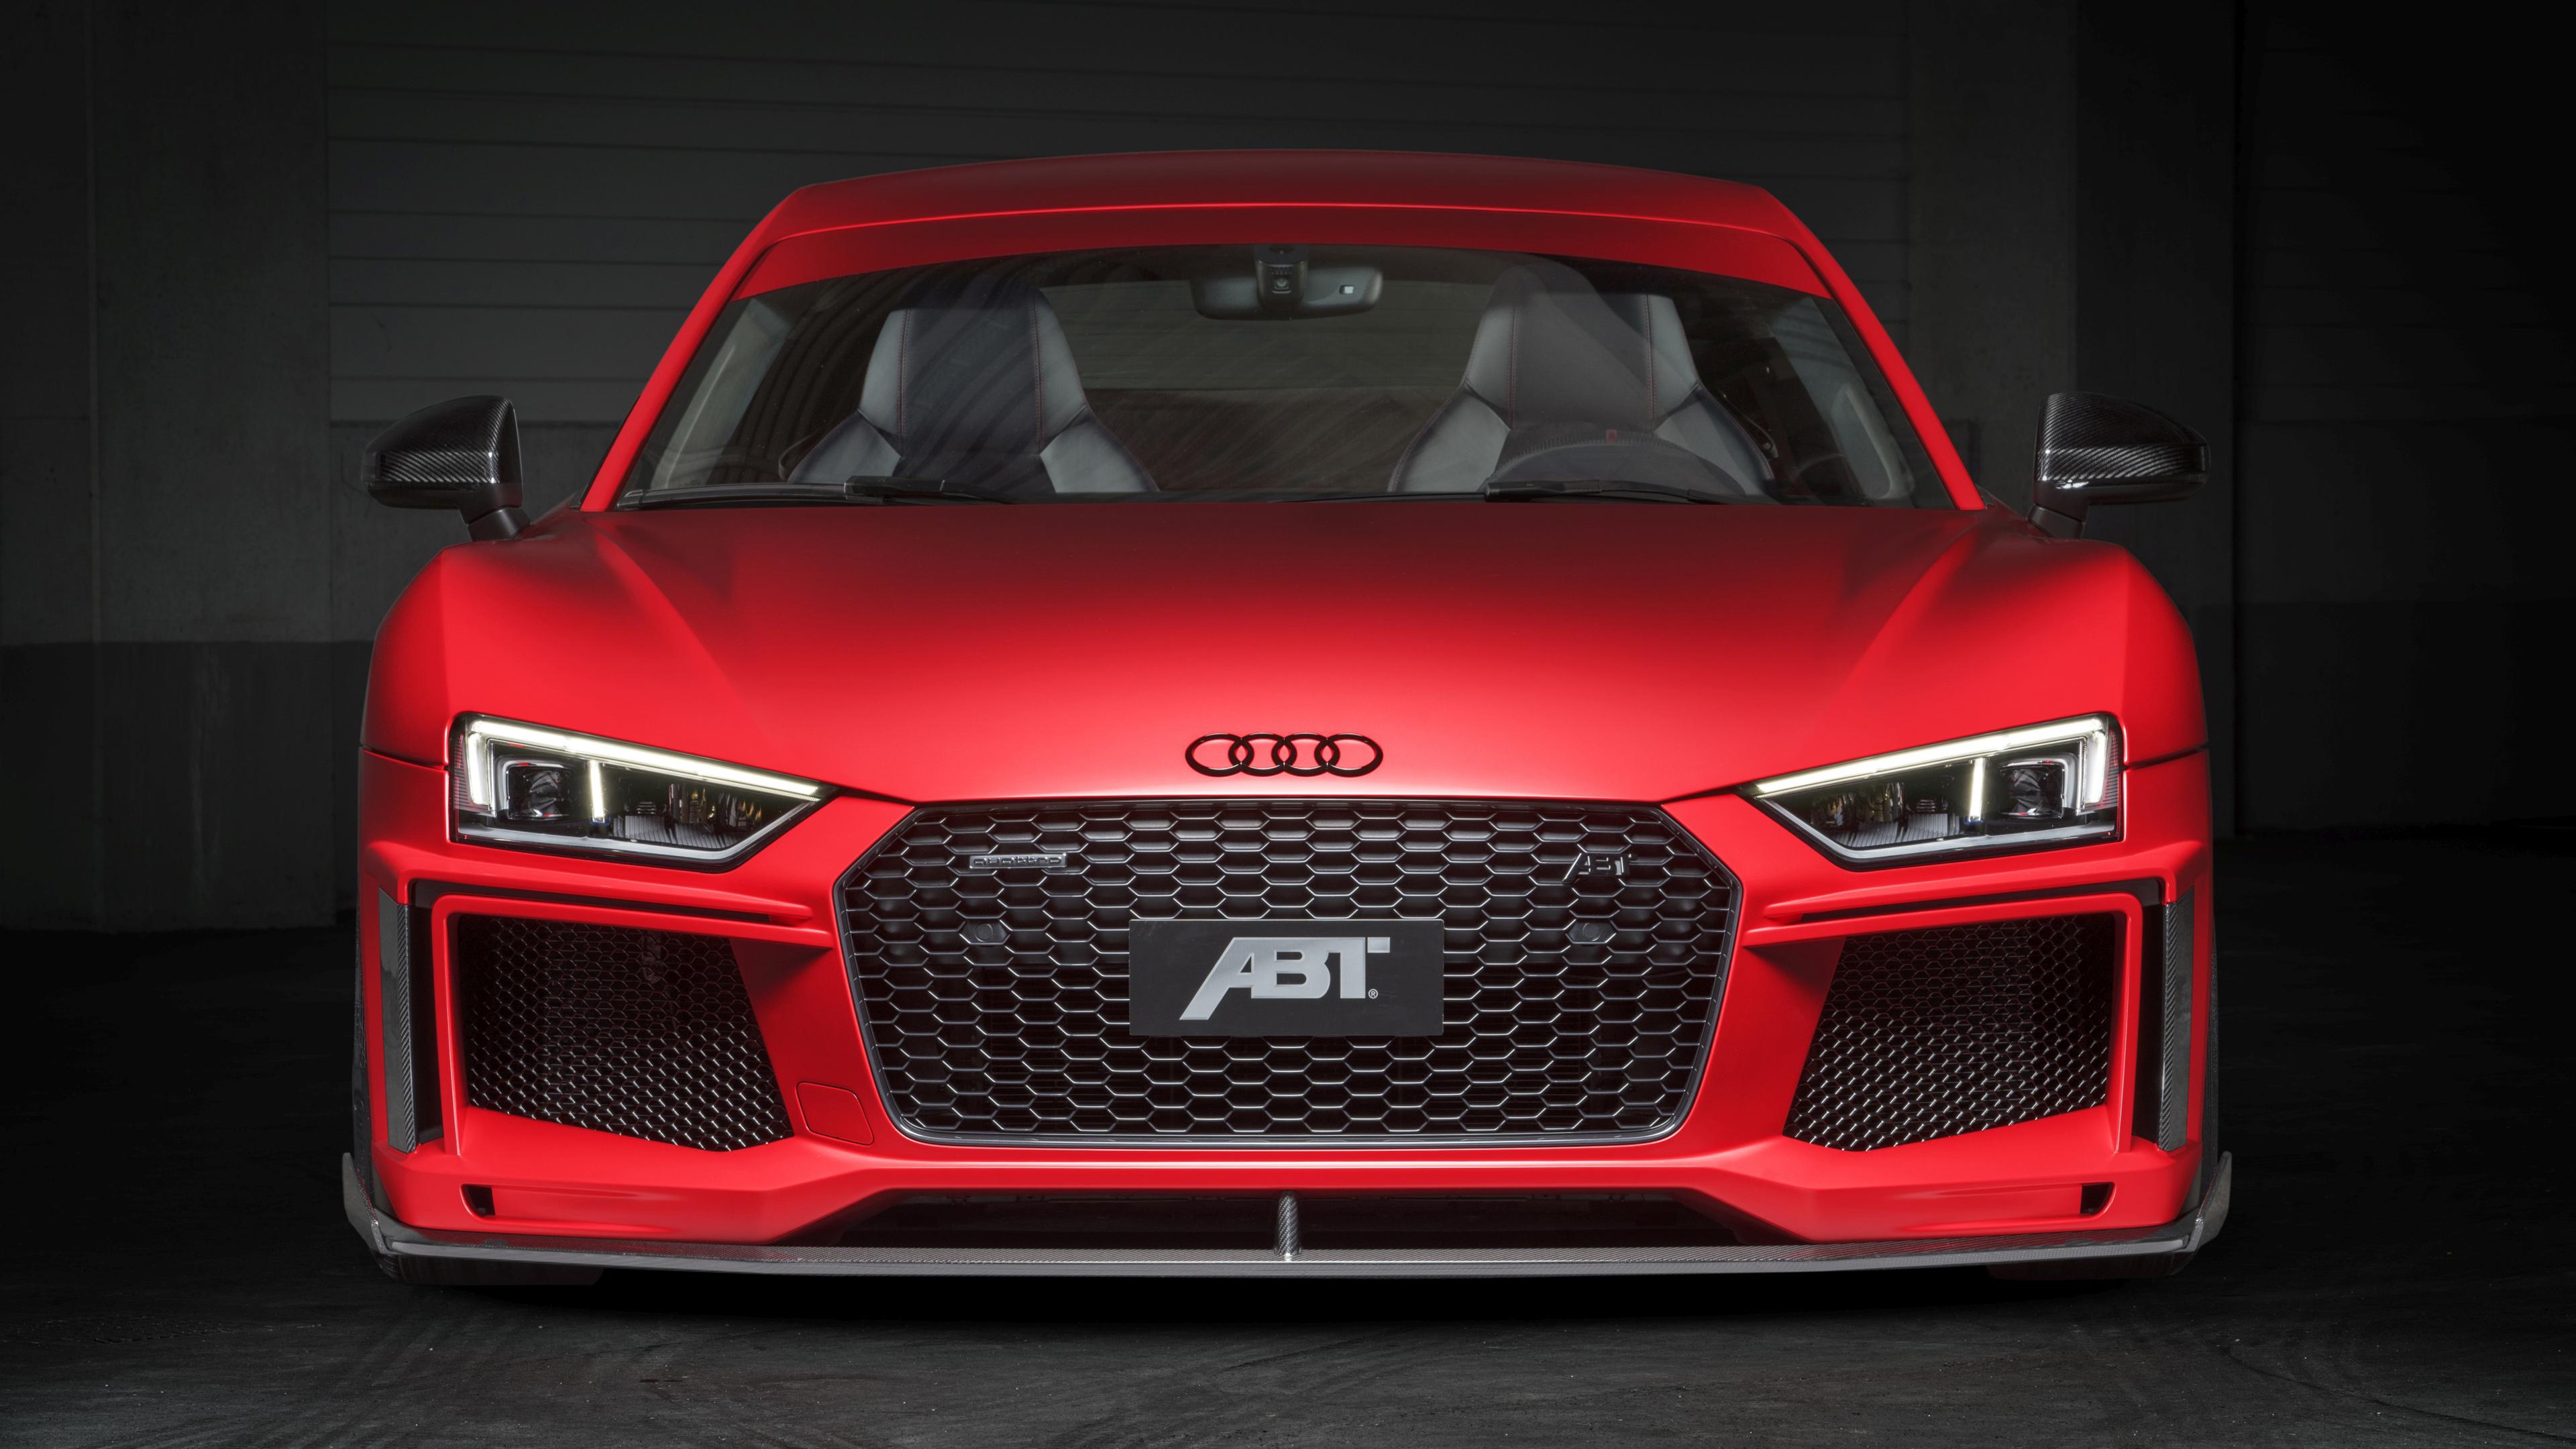 ABT Audi R K Wallpaper HD Car Wallpapers - Audi car 4k wallpaper